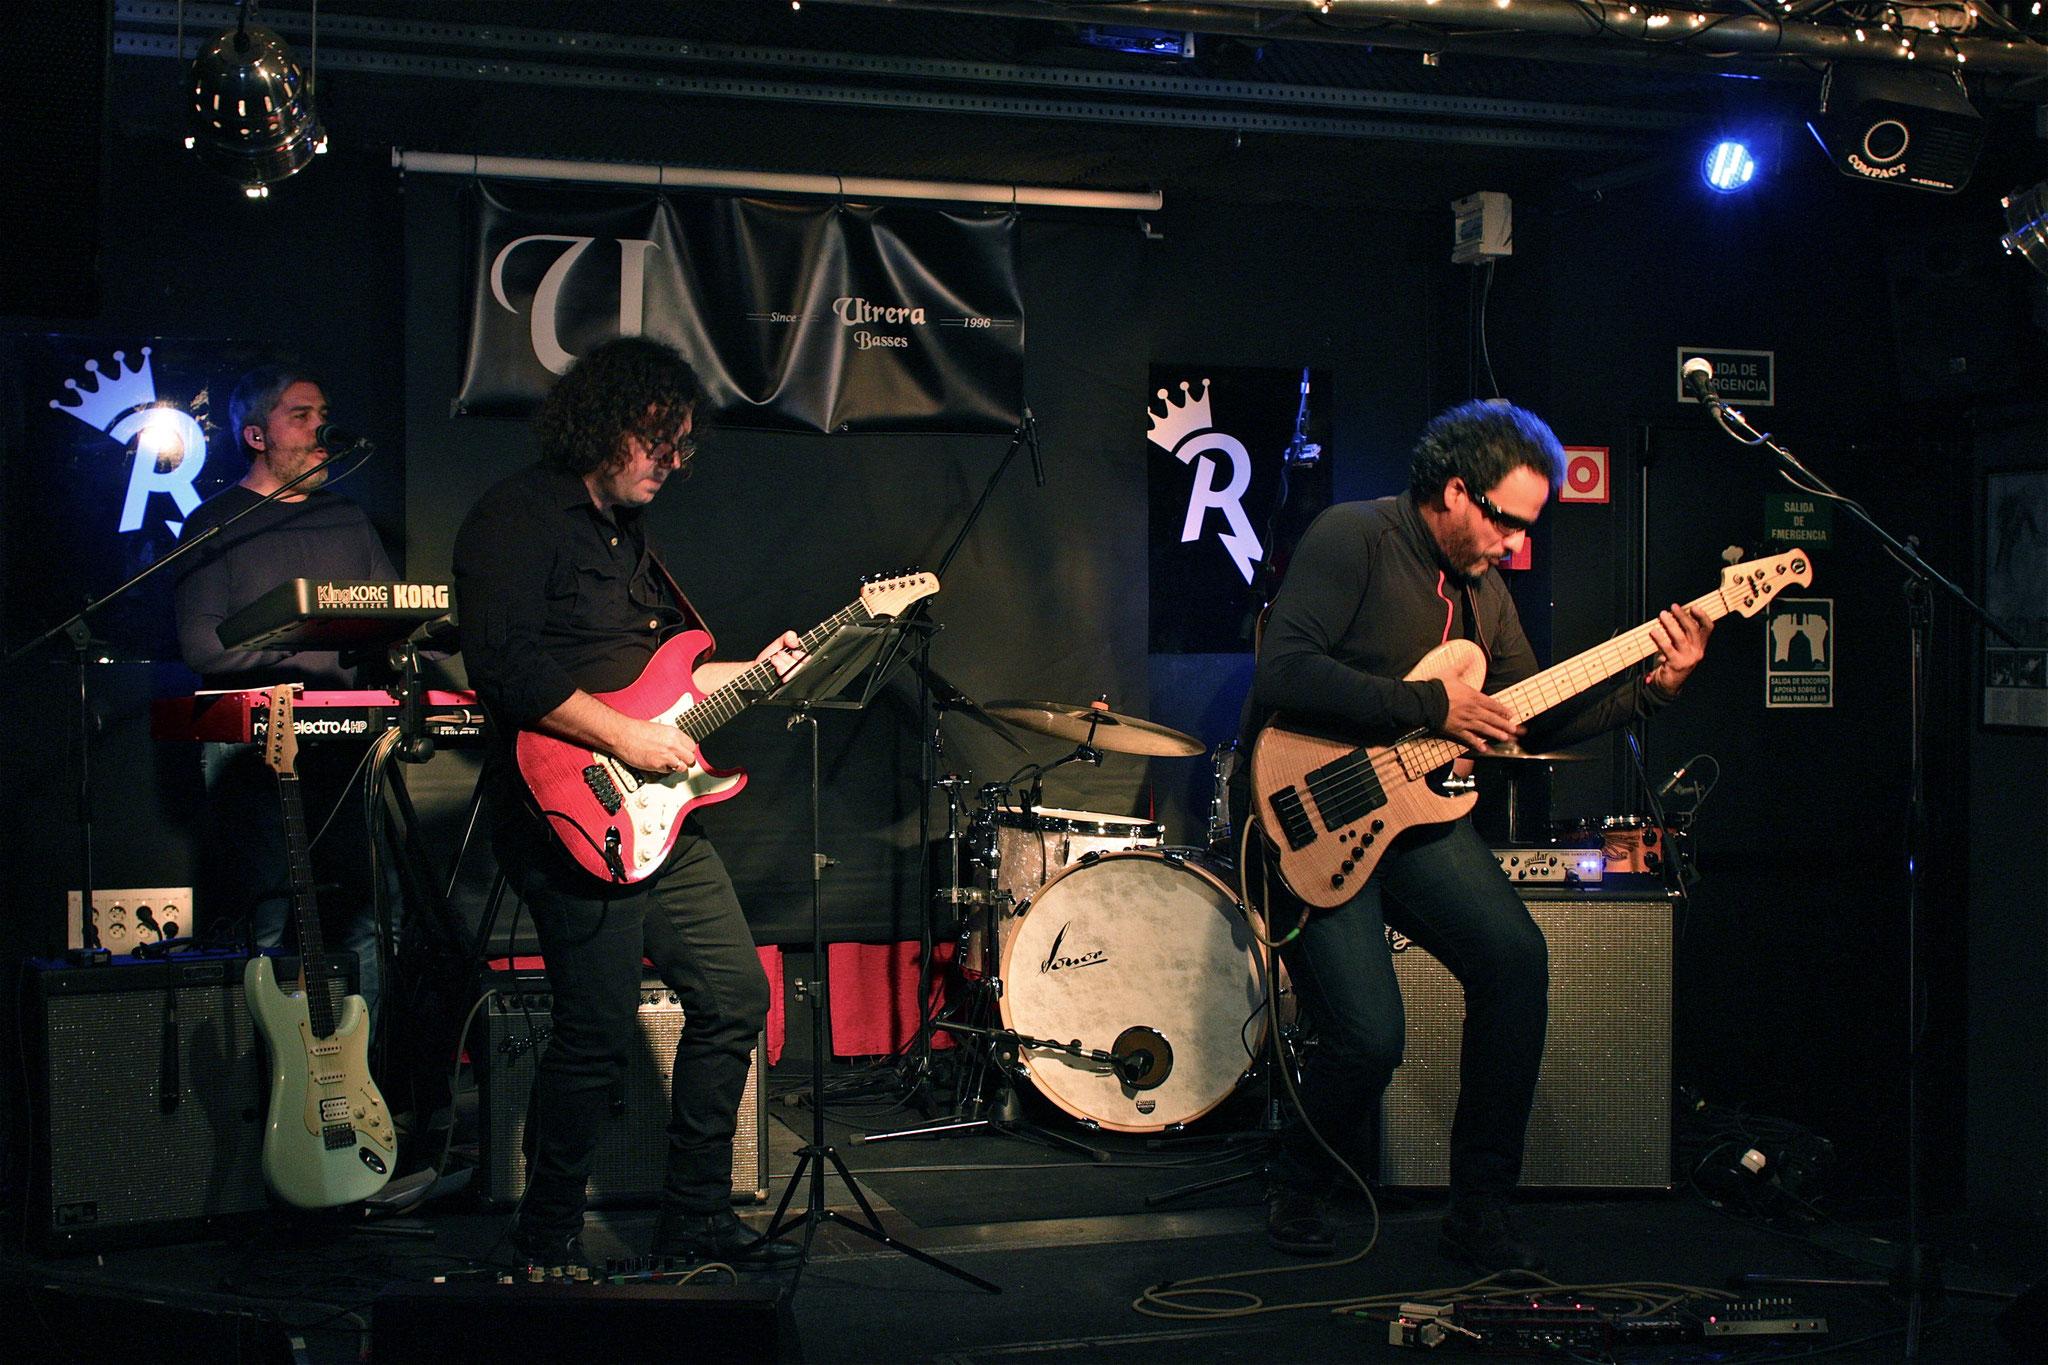 Yrvis Méndez - Utrera Guitars Demo  - Raimundo Nieves